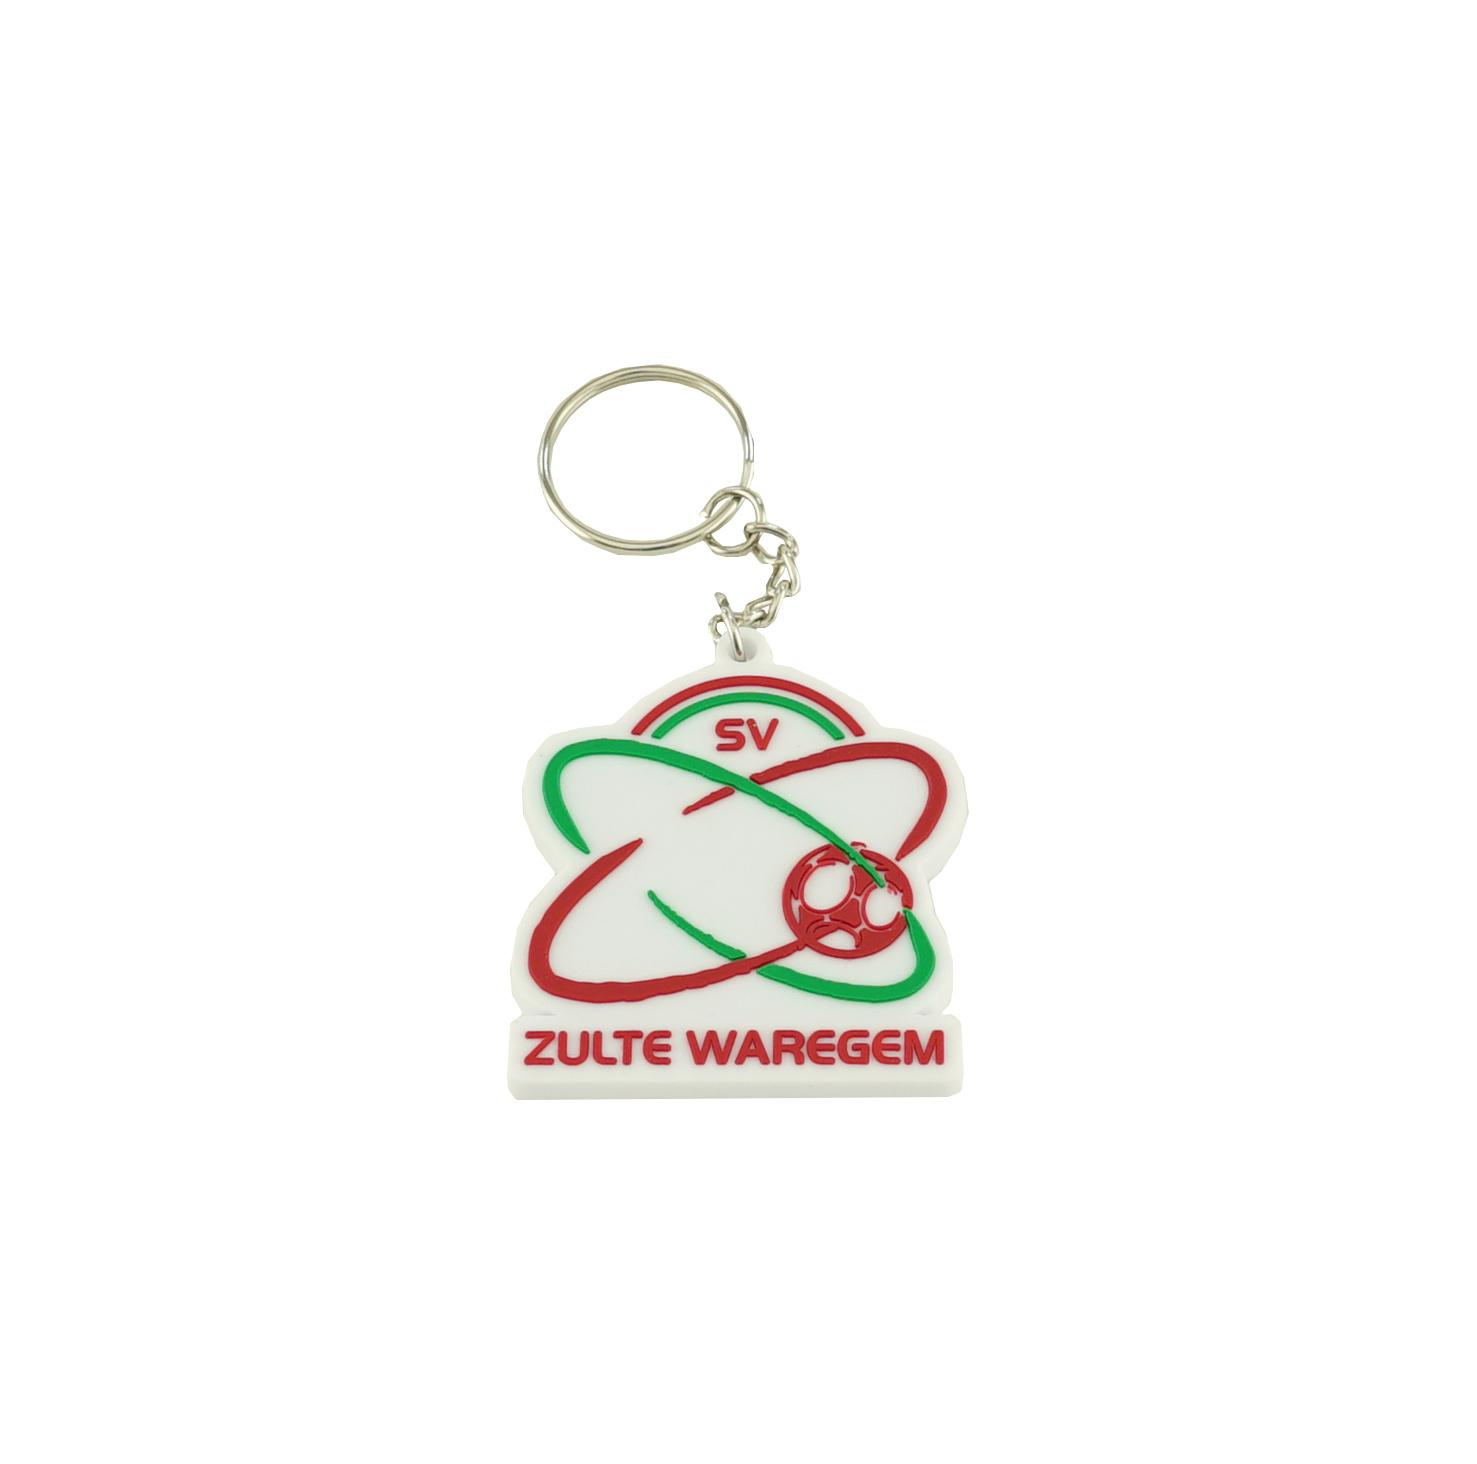 Topfanz Keychain pvc logo